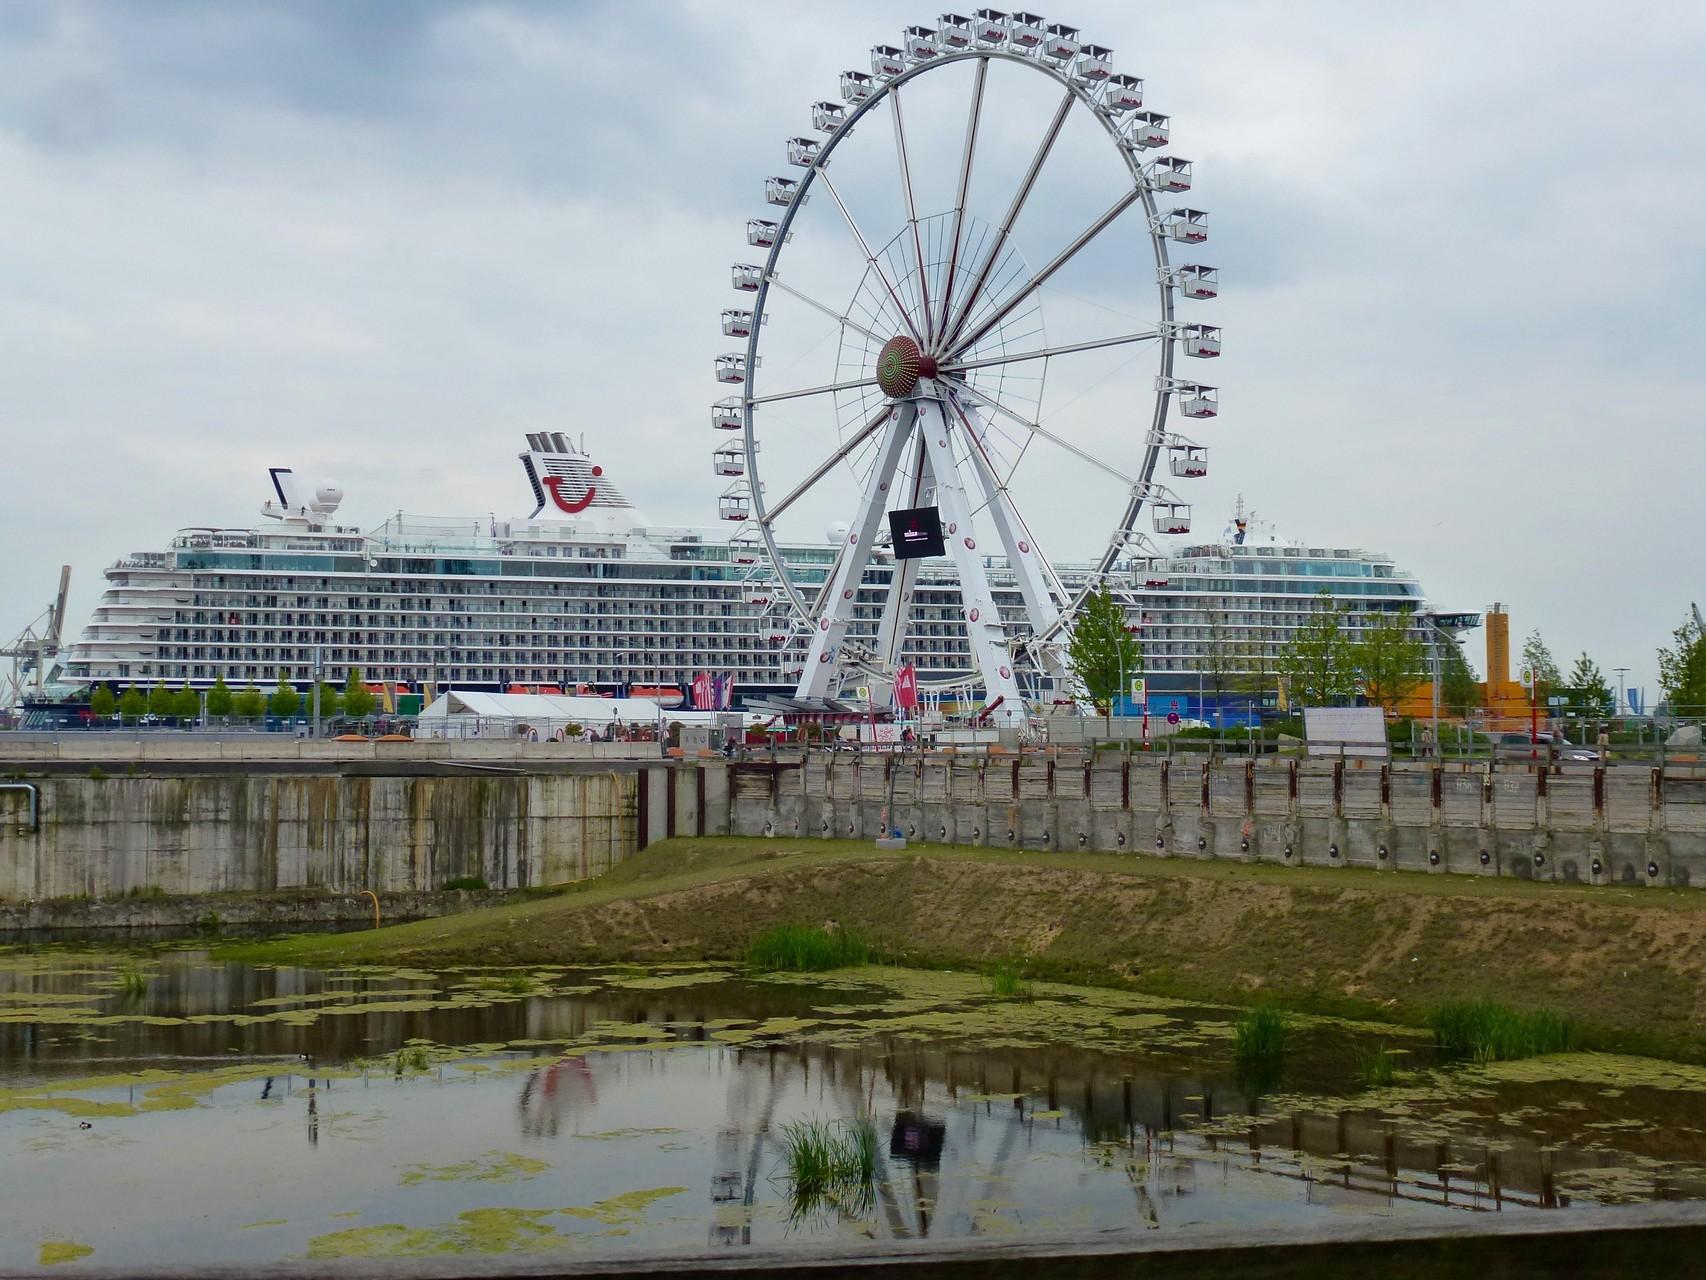 Mein Schiff am Kreuzfahrt-Terminal